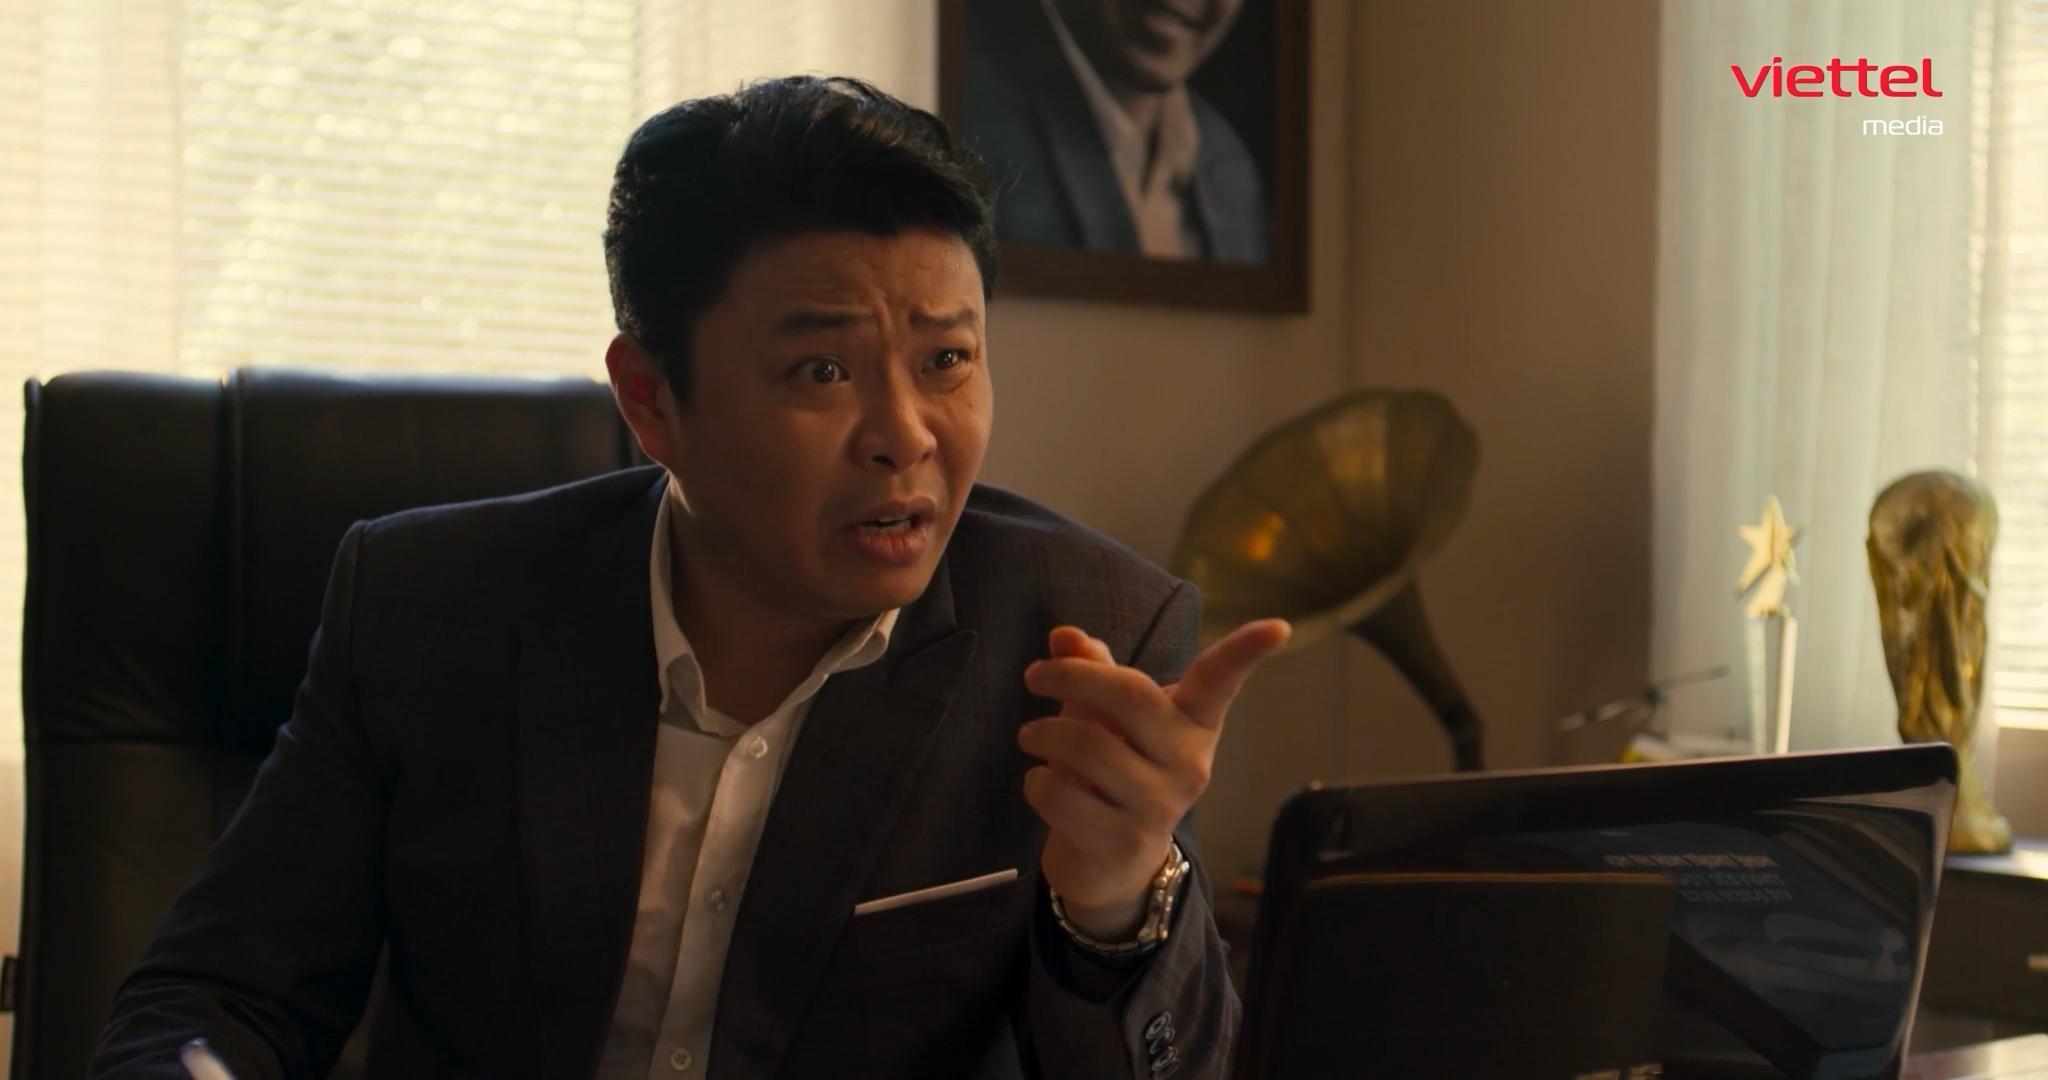 Biểu cảm gây cười của Việt Johan trong vai giám đốc sản xuất